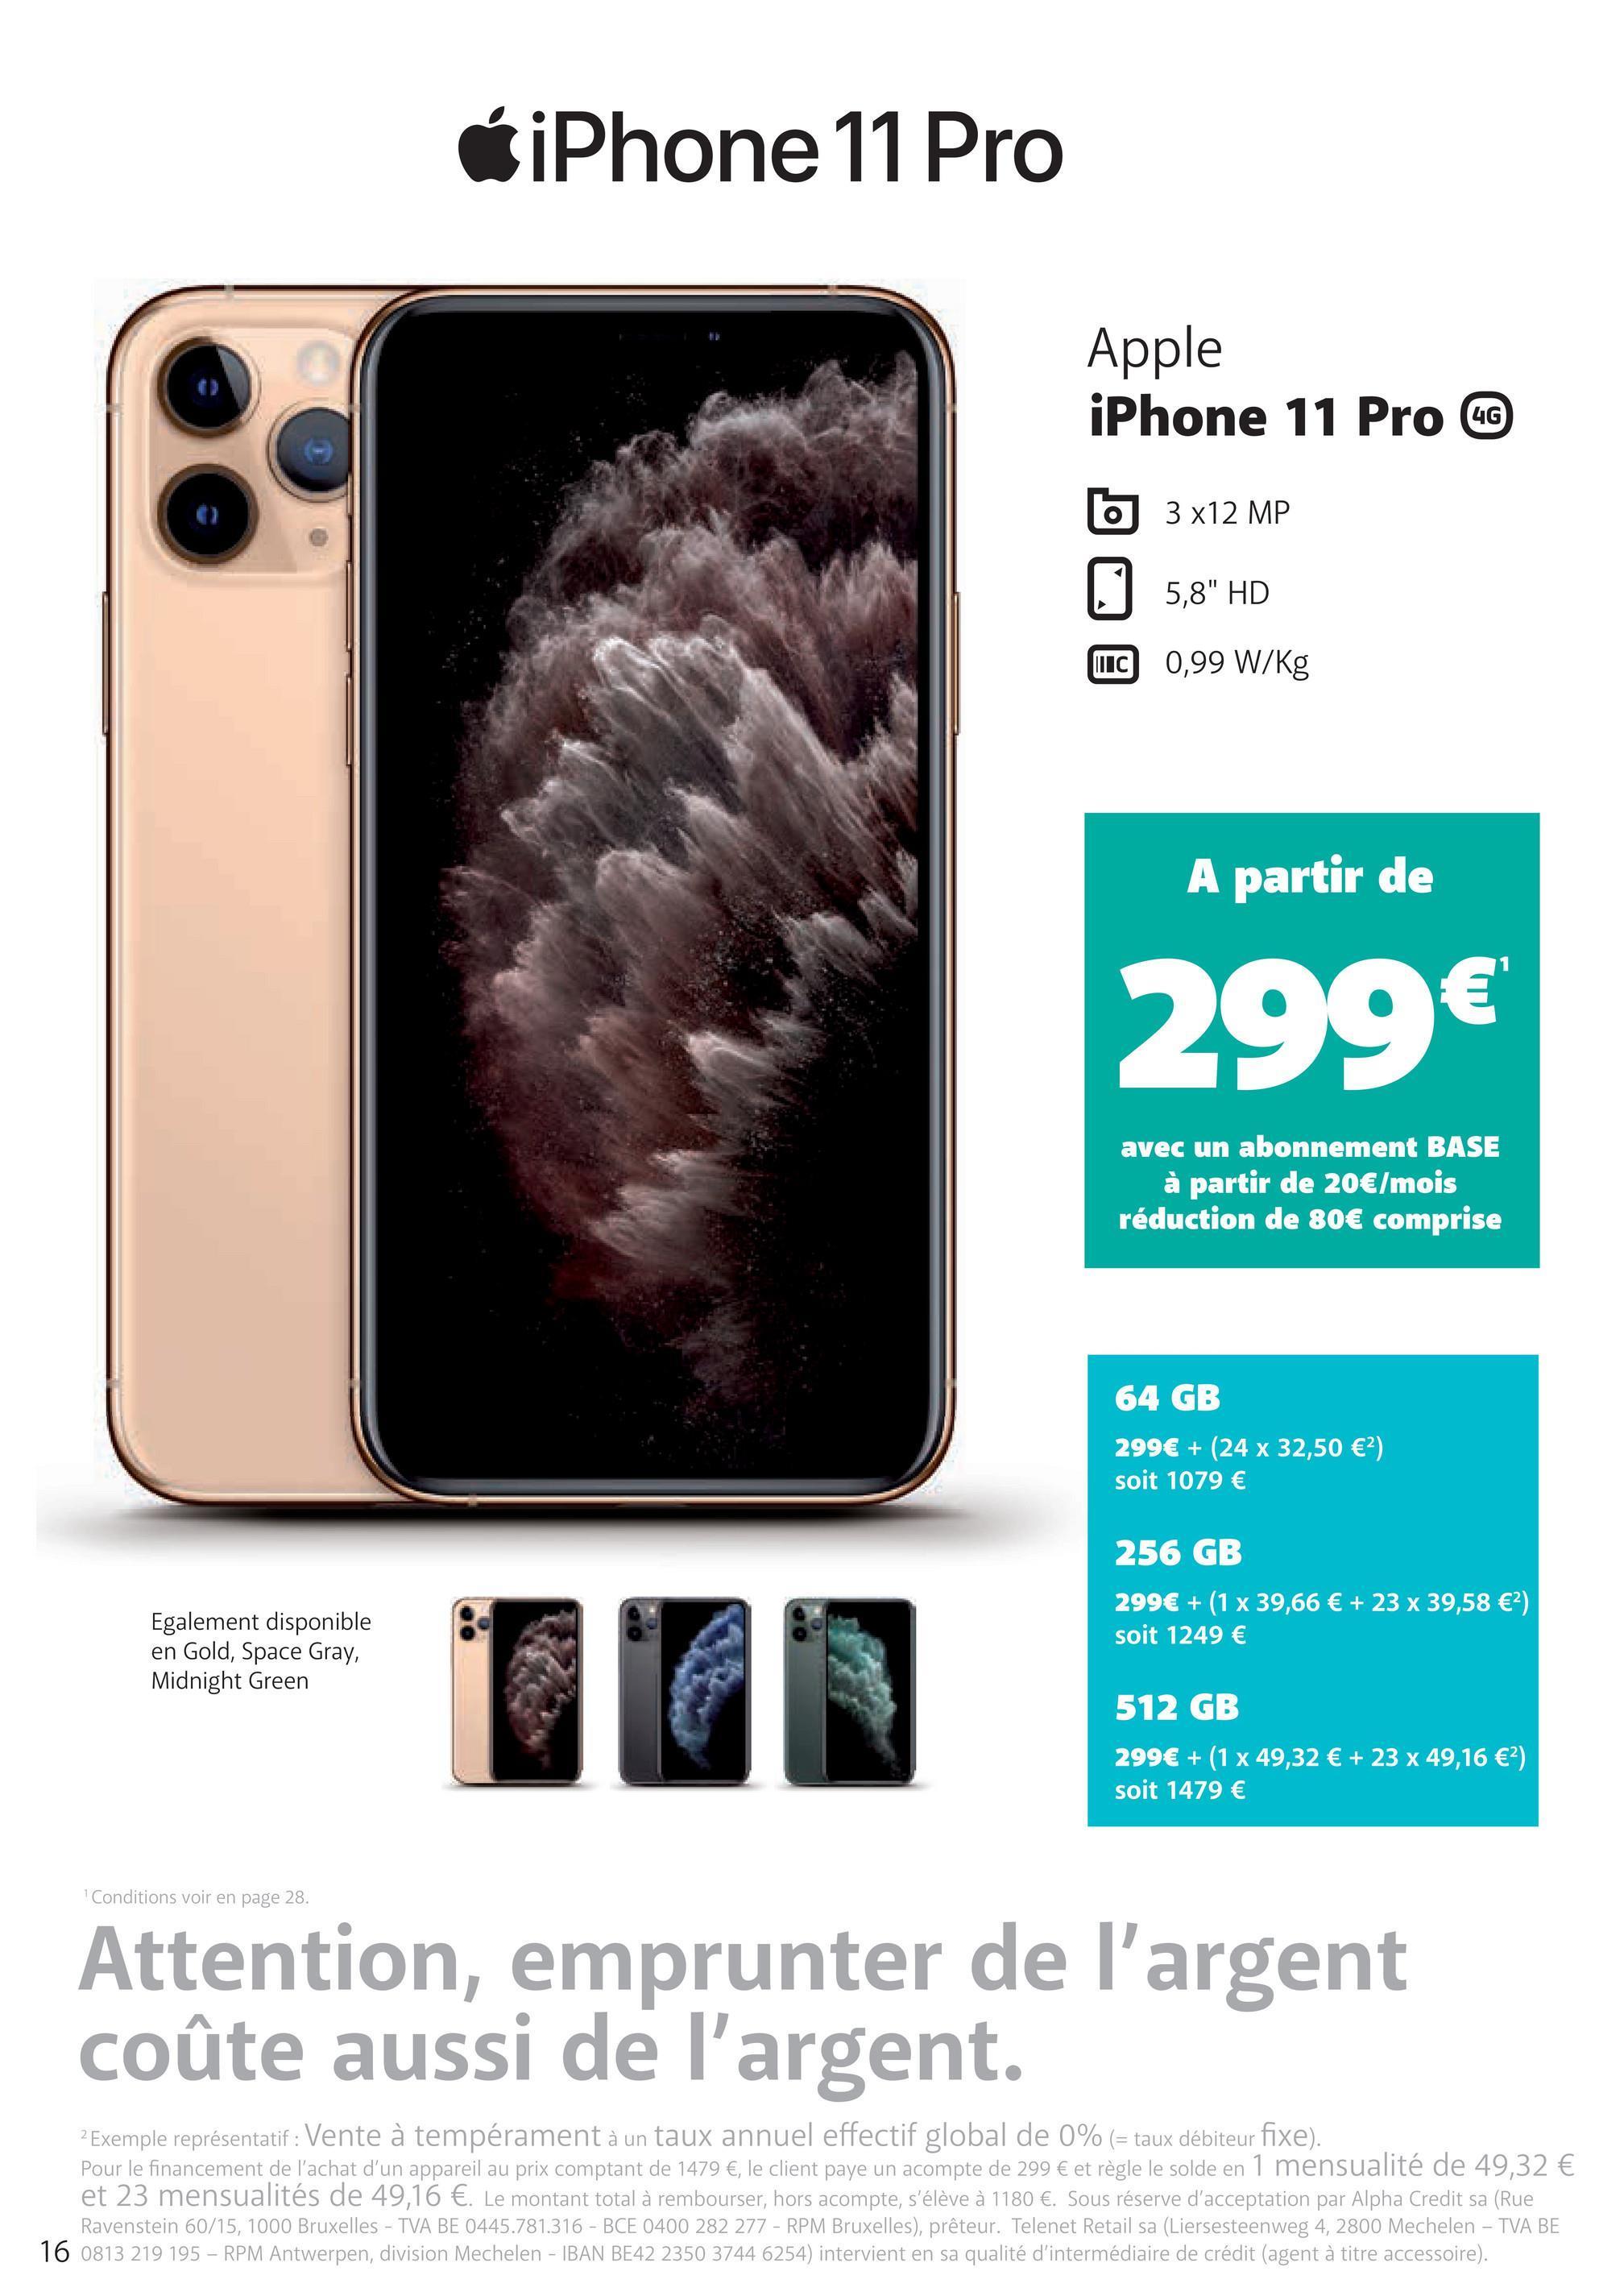 """6 iPhone 11 Pro Apple iPhone 11 Pro CC 6 3 x12 MP 5,8"""" HD TC 0,99 W/Kg INIC A partir de 299€ avec un abonnement BASE à partir de 20€/mois réduction de 80€ comprise 64 GB 299€ + (24 x 32,50 €) soit 1079 € 256 GB 299€ + (1 x 39,66 € + 23 x 39,58 €) soit 1249 € Egalement disponible en Gold, Space Gray, Midnight Green 512 GB 299€ + (1 x 49,32 € + 23 x 49,16 €?) soit 1479 € Conditions voir en page 28. Attention, emprunter de l'argent coûte aussi de l'argent. 2 Exemple représentatif: Vente à tempérament à un taux annuel effectif global de 0% (= taux débiteur fixe). Pour le financement de l'achat d'un appareil au prix comptant de 1479 €, le client paye un acompte de 299 € et règle le solde en 1 mensualité de 49,32 € et 23 mensualités de 49,16 €. Le montant total à rembourser, hors acompte, s'élève à 1180 €. Sous réserve d'acceptation par Alpha Credit sa (Rue Ravenstein 60/15, 1000 Bruxelles - TVA BE 0445.781.316 - BCE 0400 282 277 - RPM Bruxelles), prêteur. Telenet Retail sa (Liersesteenweg 4, 2800 Mechelen - TVA BE 16 0813 219 195 - RPM Antwerpen, division Mechelen - IBAN BE42 2350 3744 6254) intervient en sa qualité d'intermédiaire de crédit (agent à titre accessoire)."""